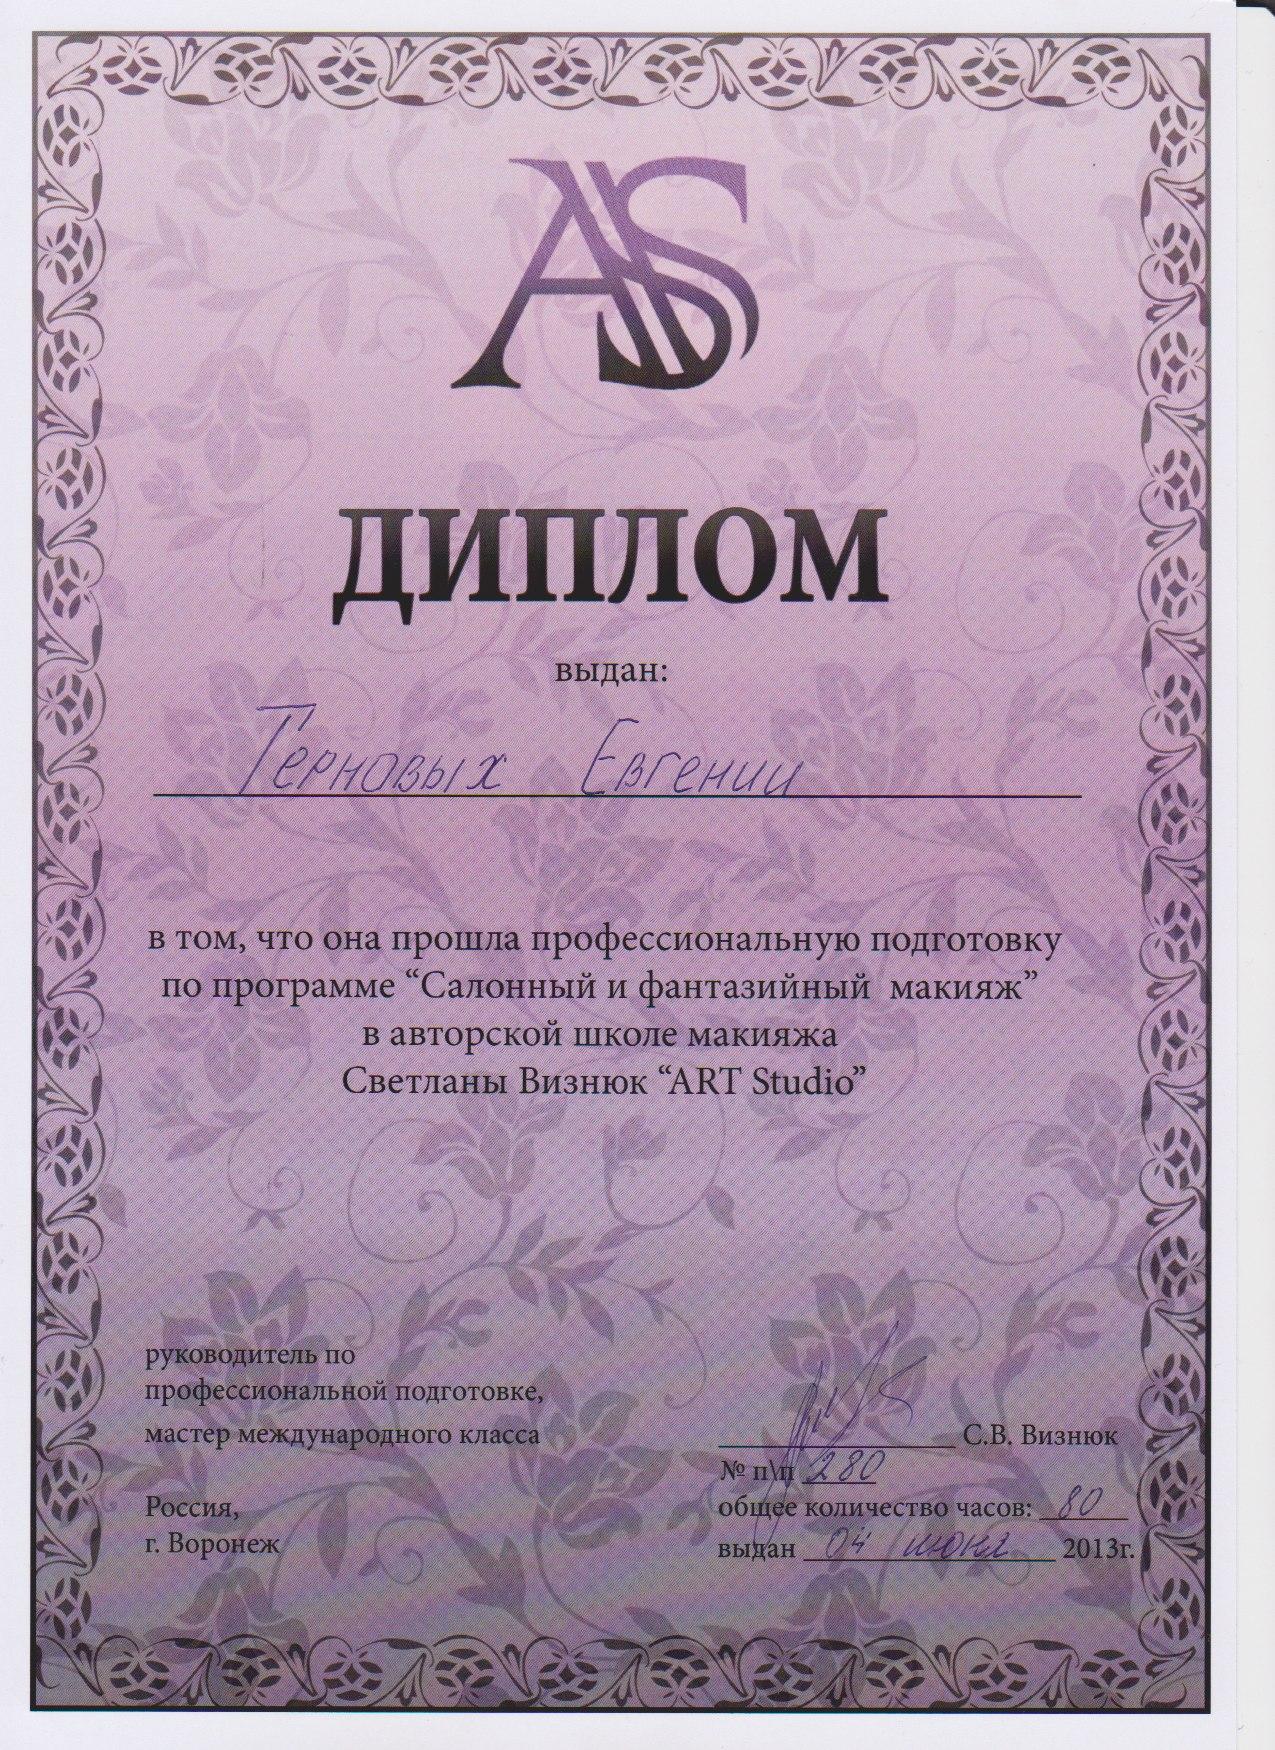 Визажист Евгения Терновых КУД КУДА Диплом · Сертификат Визажист Евгения Терновых